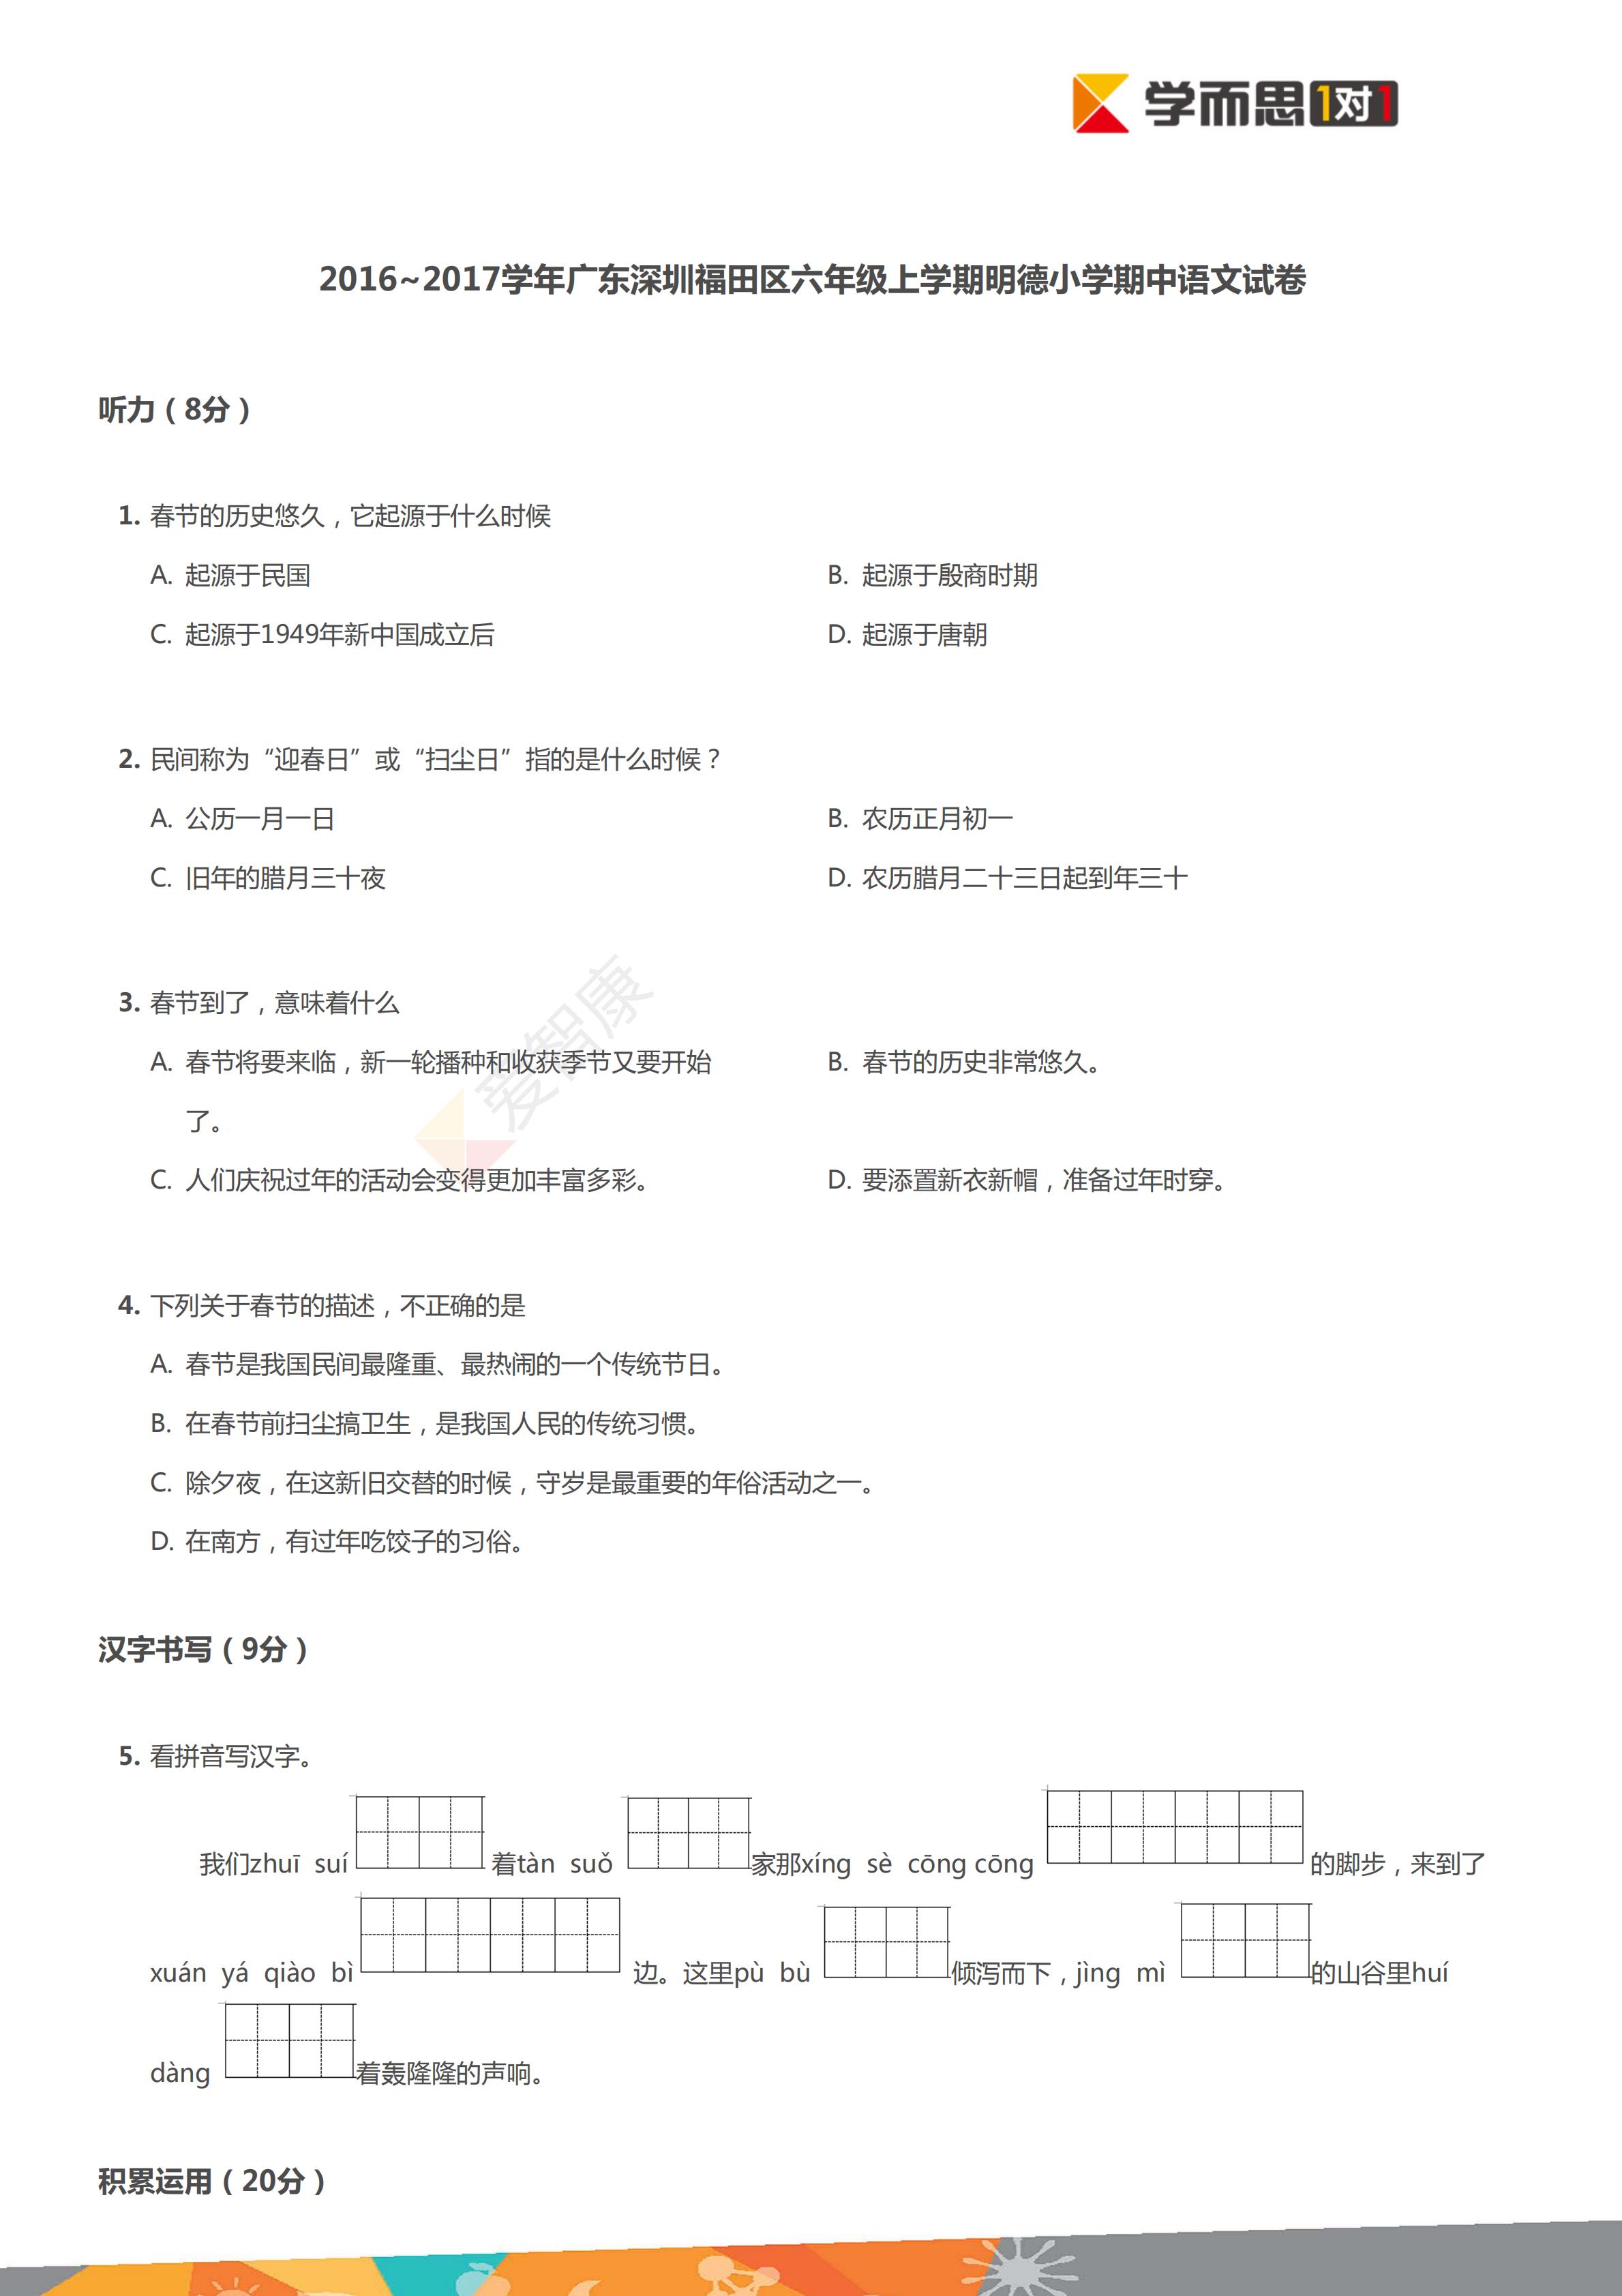 深圳福田区明德小学2018学年上学期期中考试小学六年级语文试卷及答案